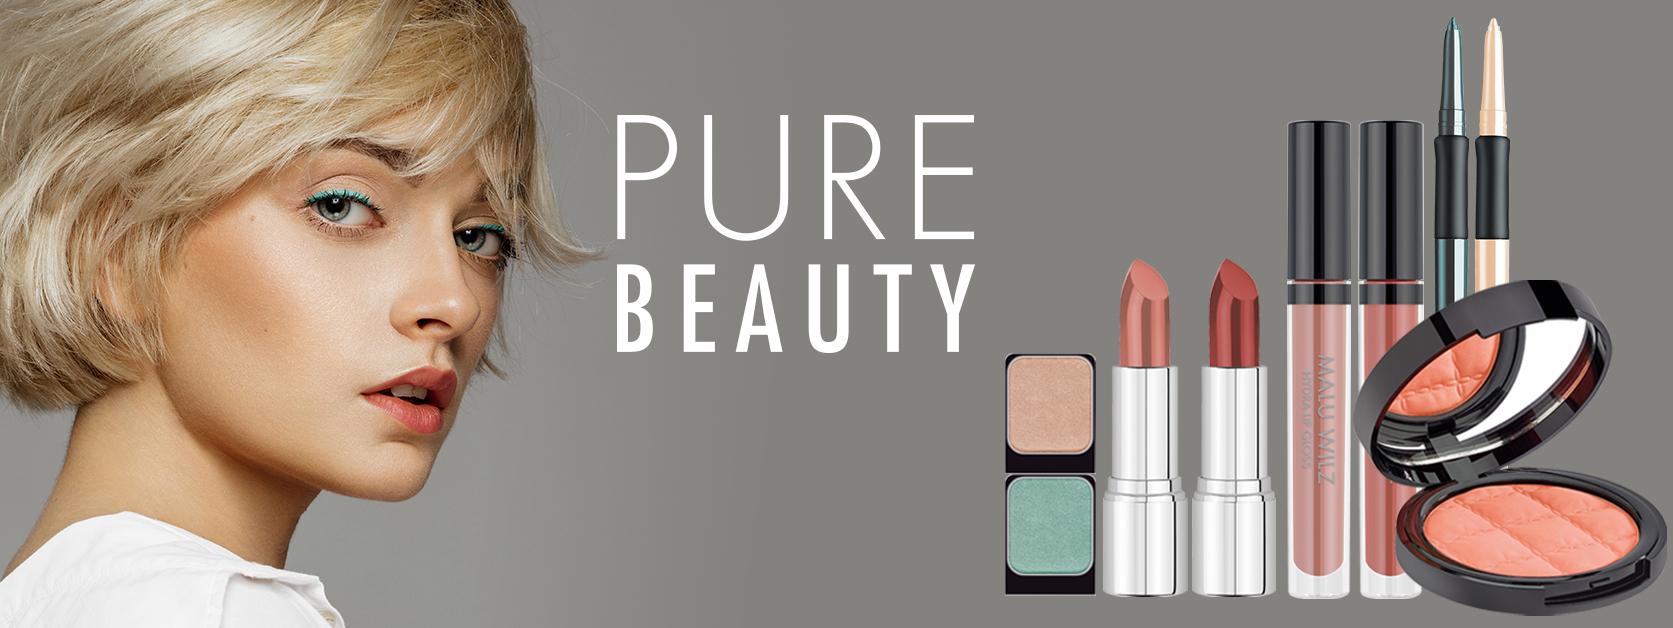 junge Frau mit Make up Produkten